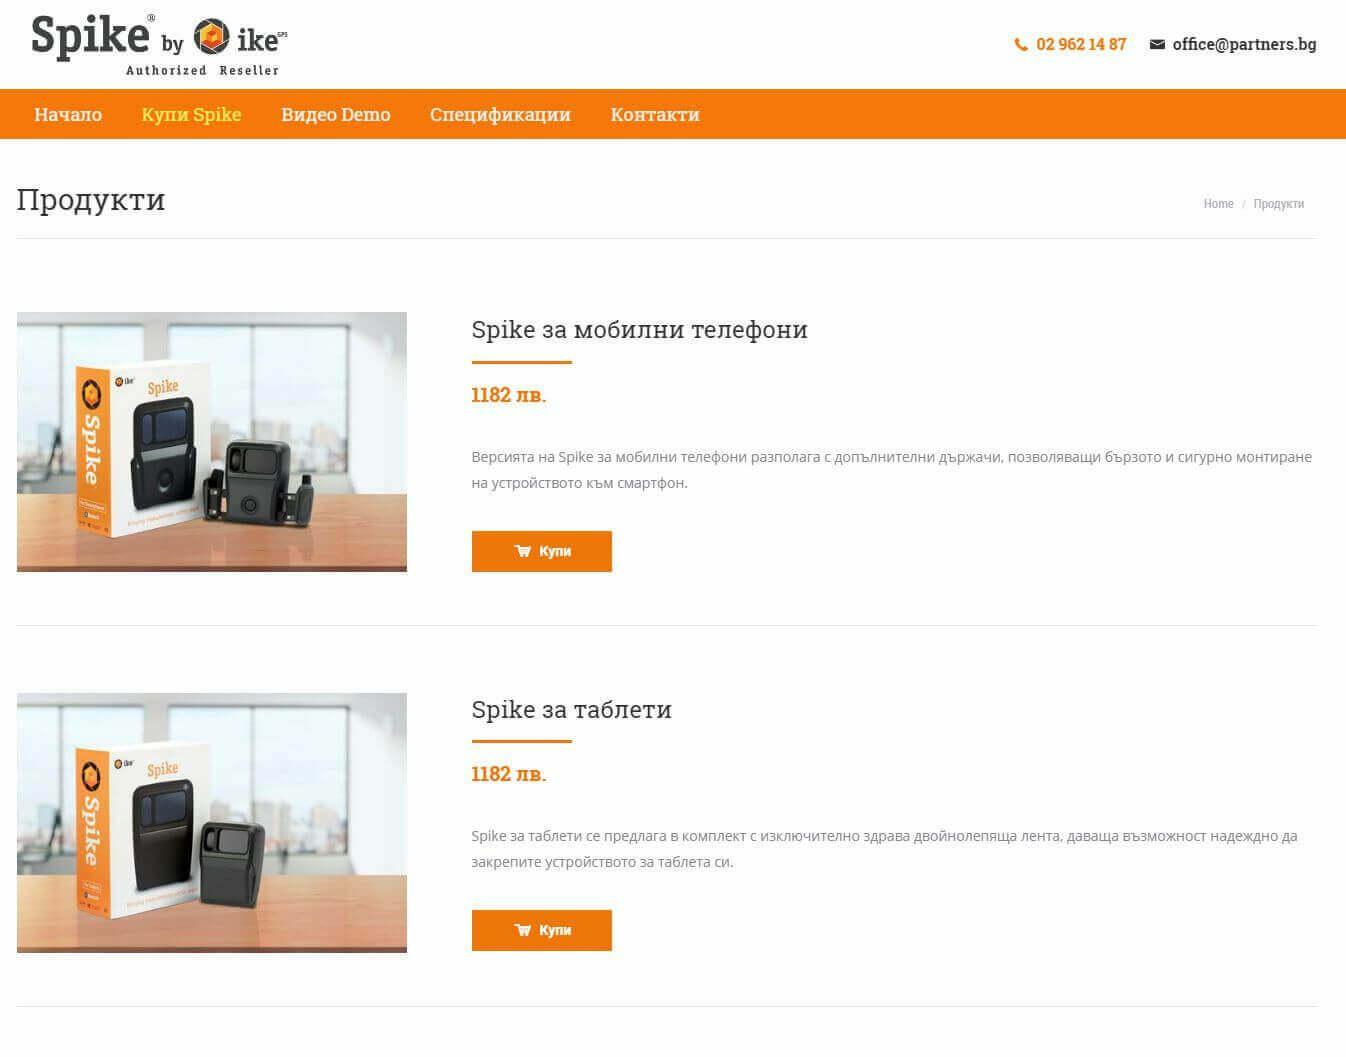 Уникално уеб присъствие - лазерно устройство Spike